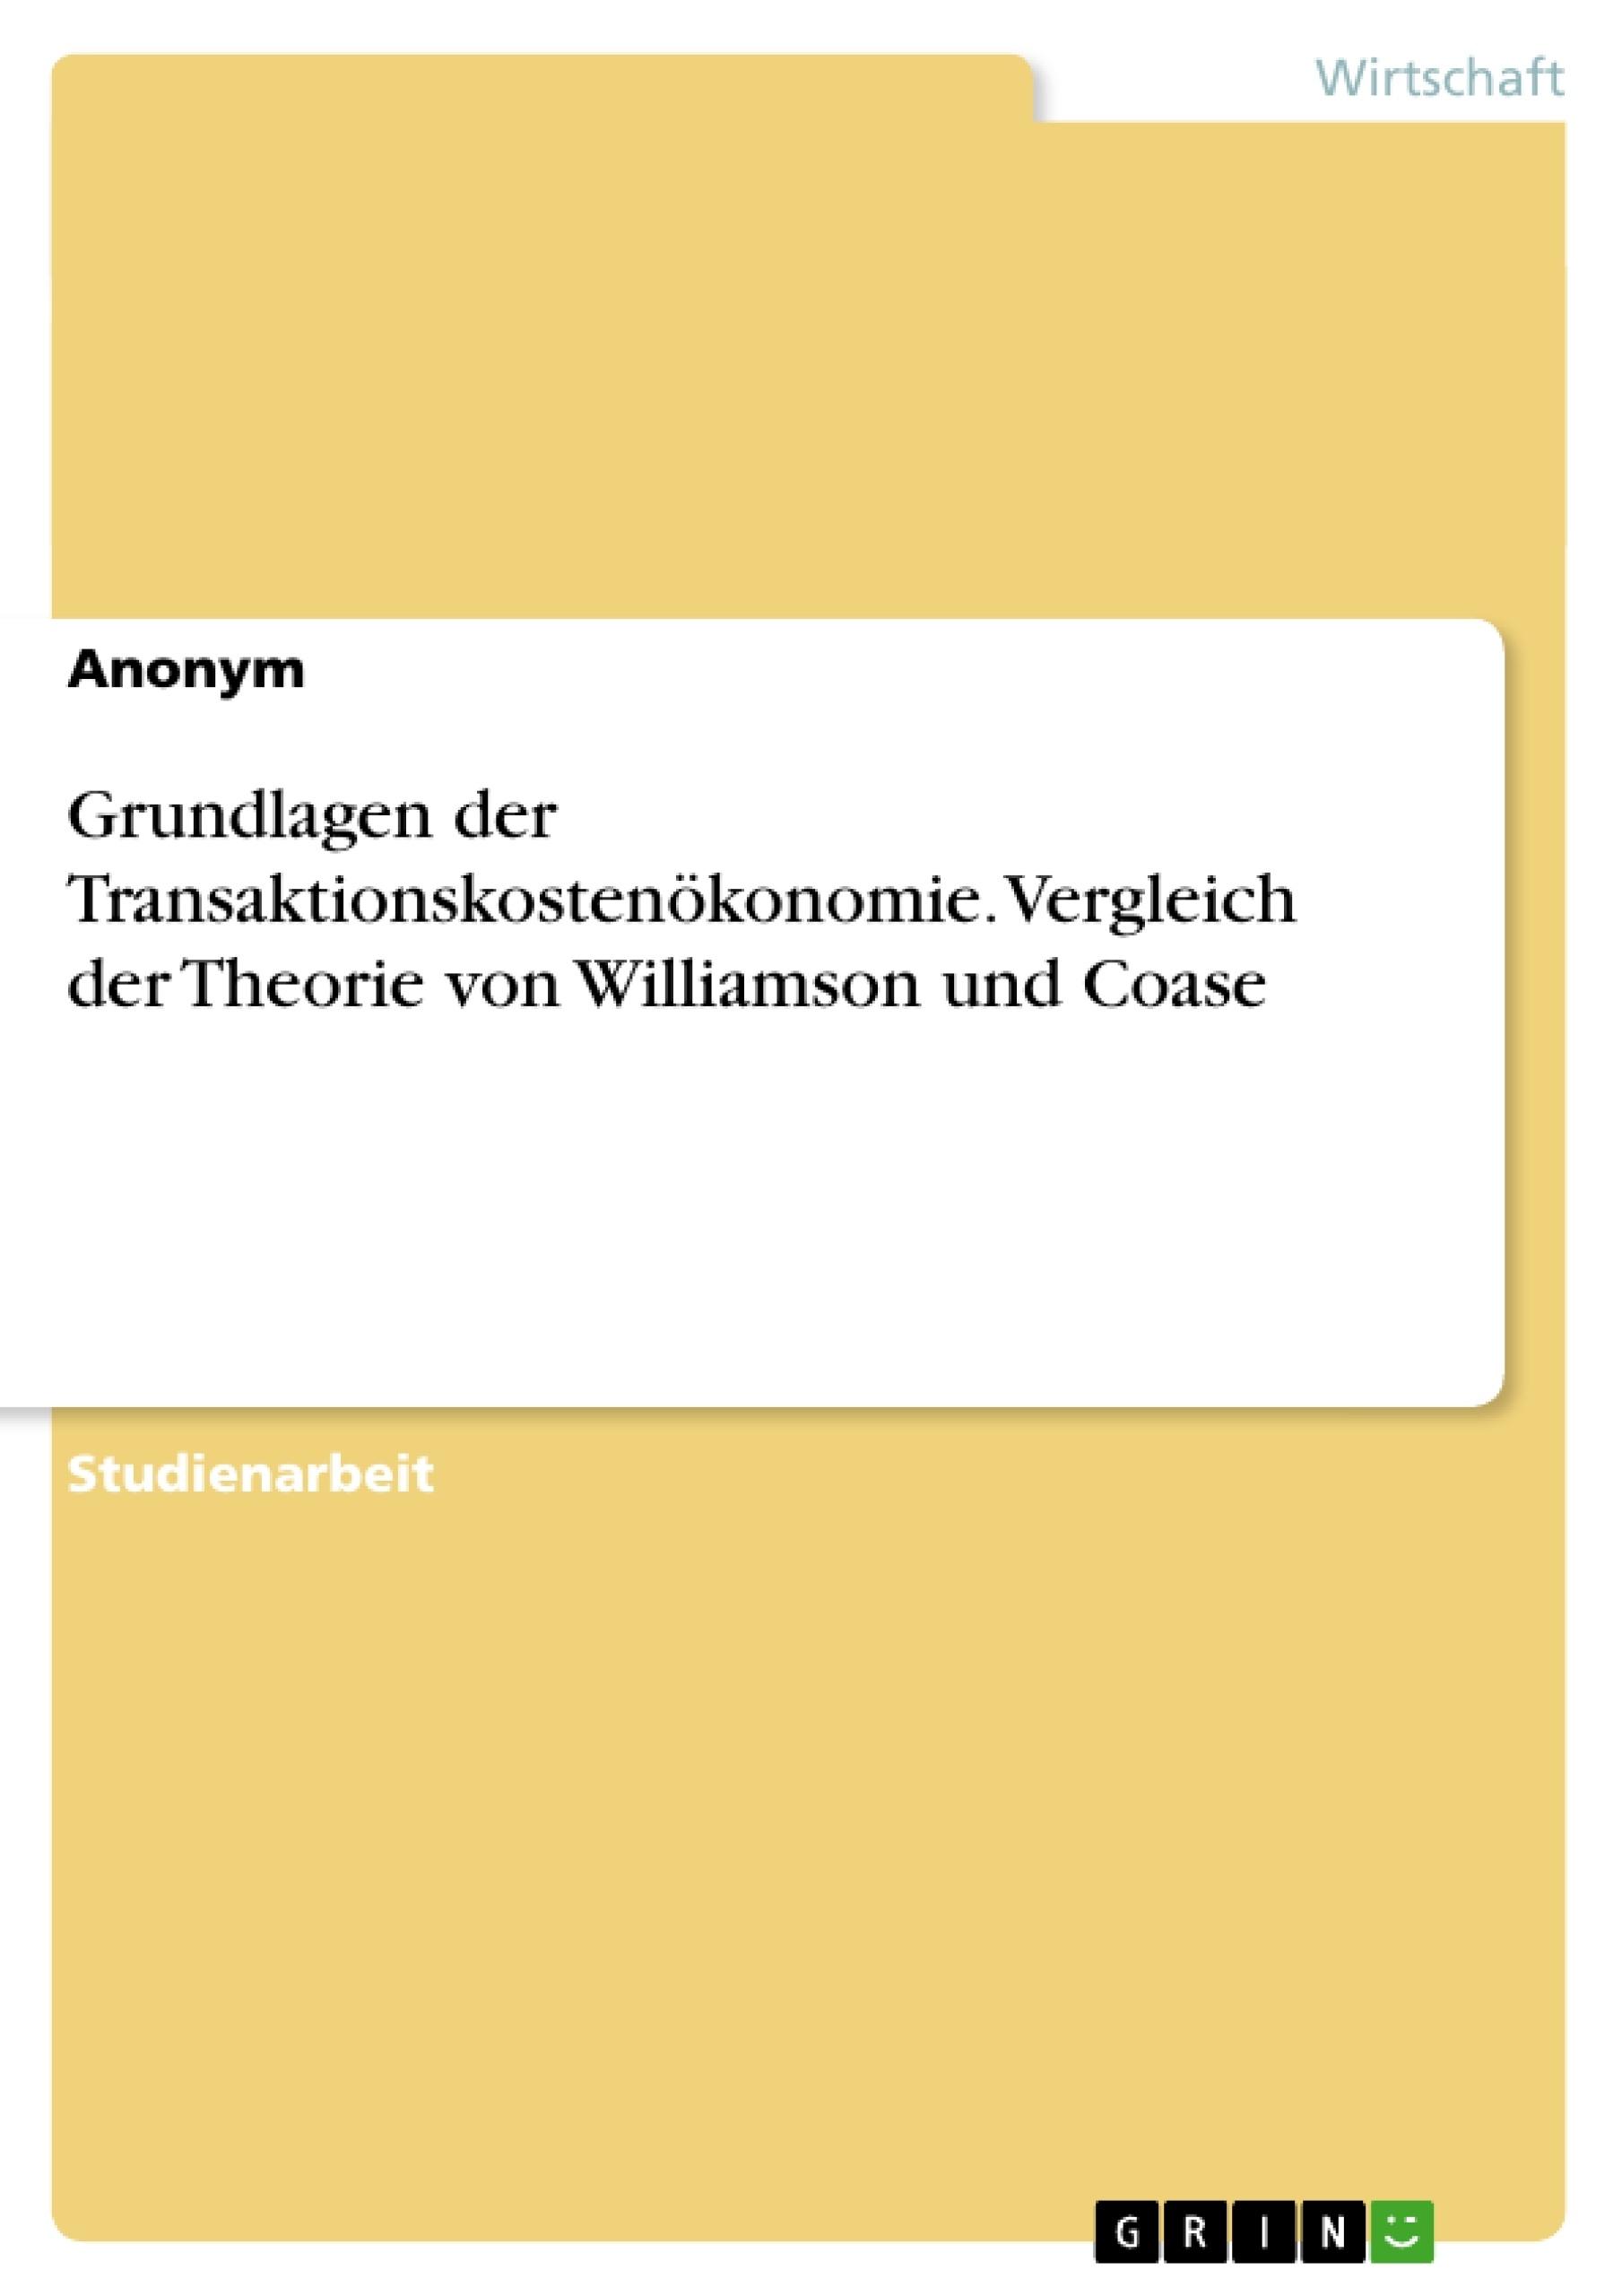 Titel: Grundlagen der Transaktionskostenökonomie. Vergleich der Theorie von Williamson und Coase